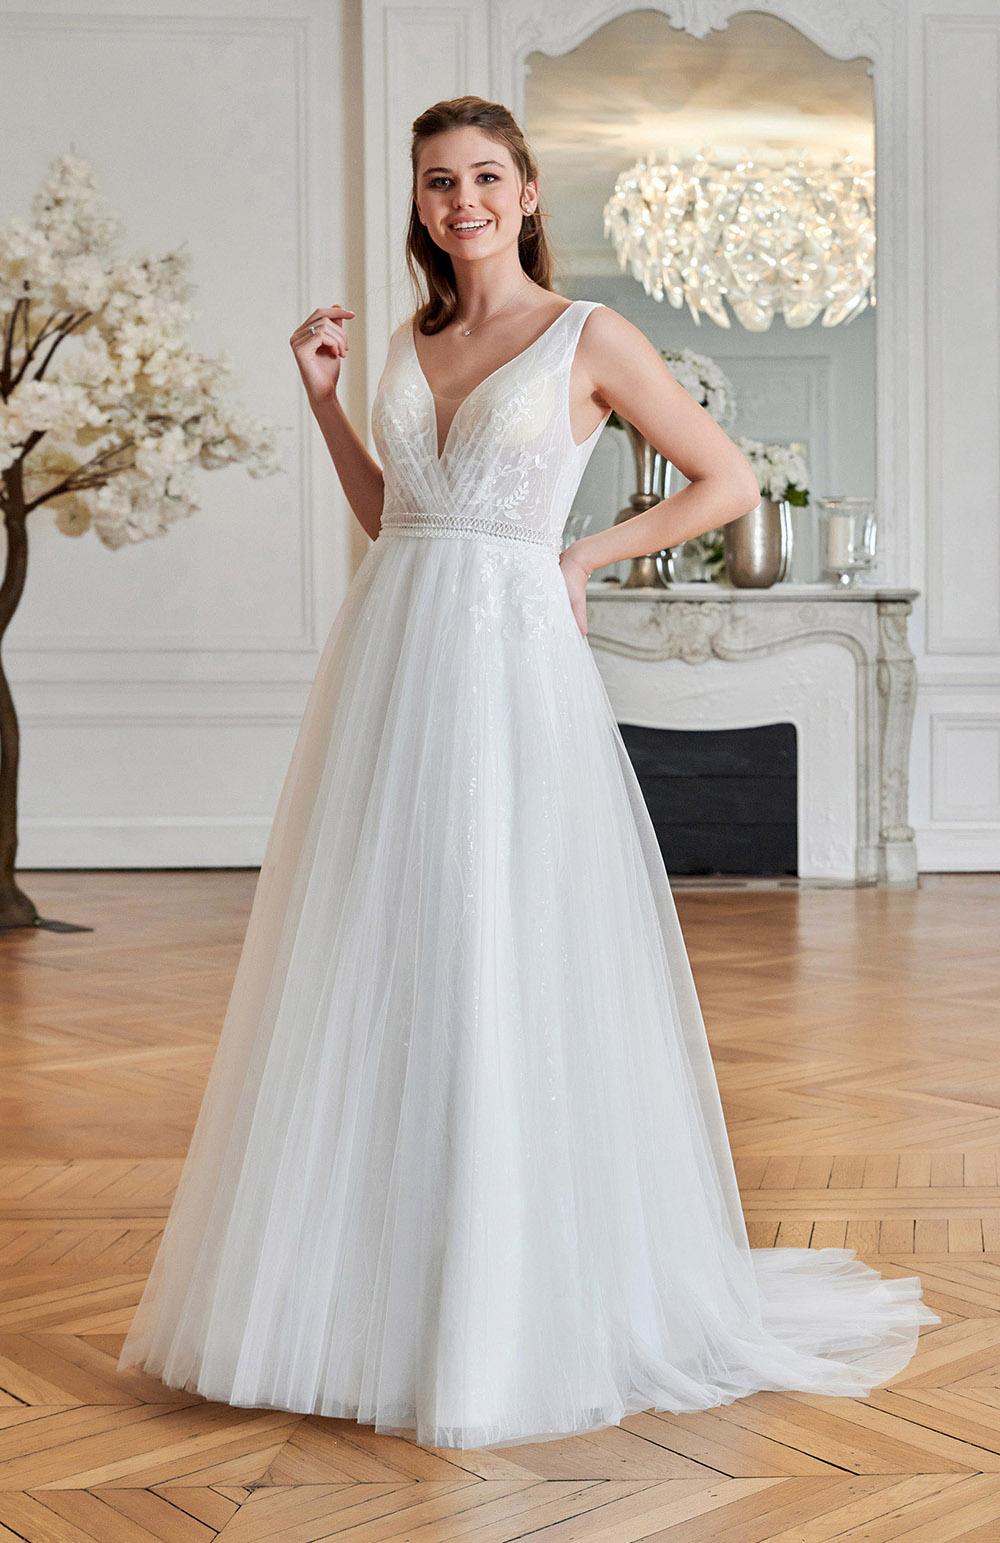 Robe de mariée Modèle Emrys